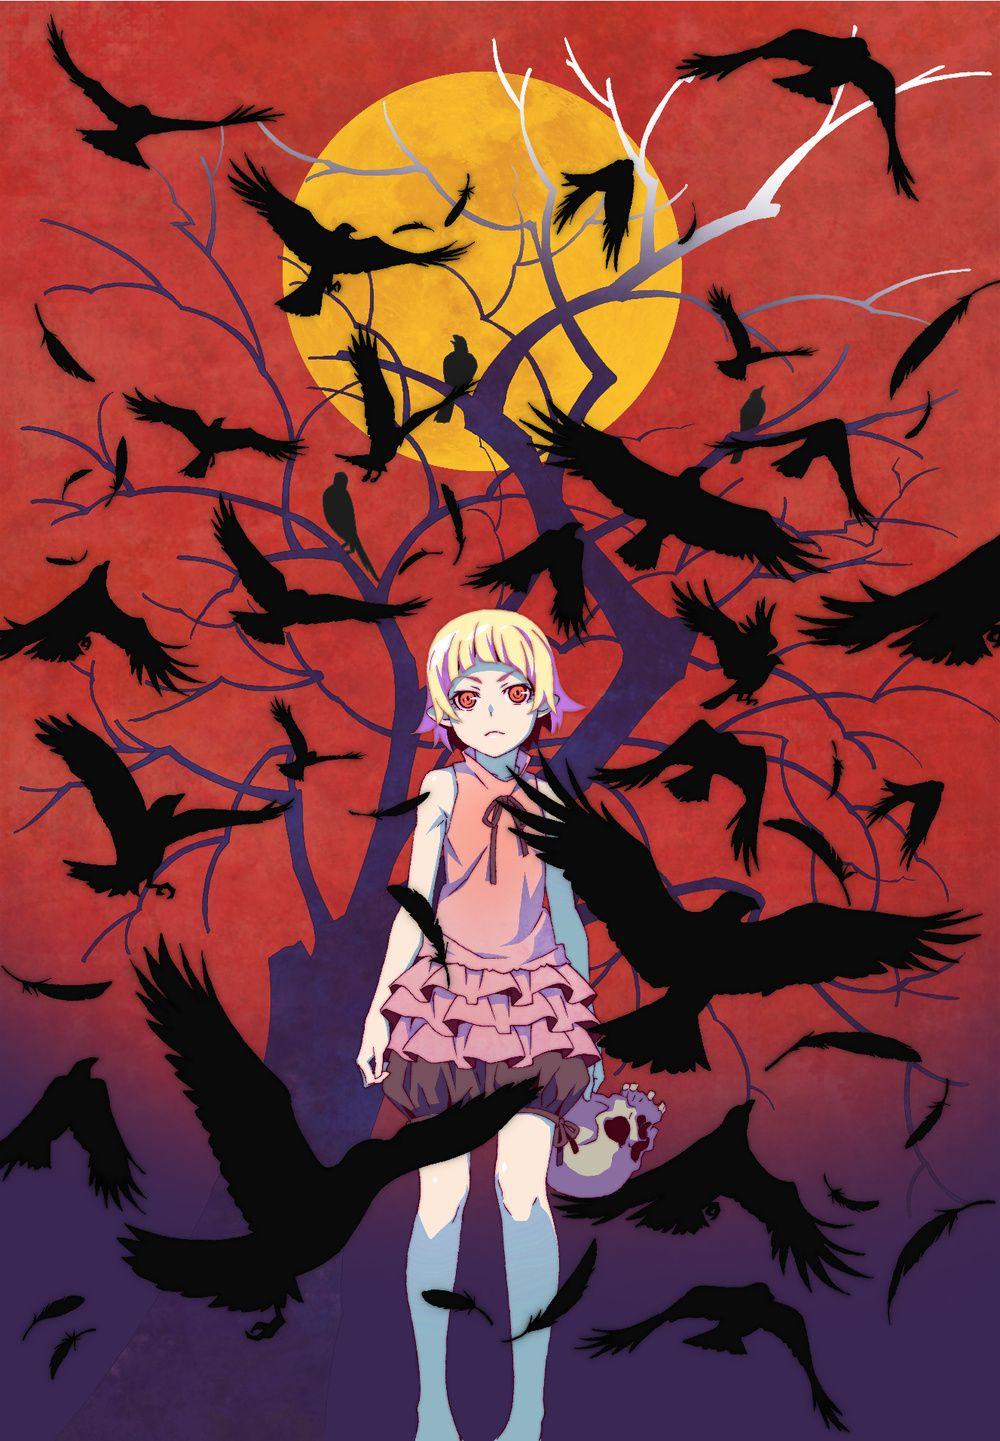 《伤物语》剧场版上映时间确定为60分钟 Anime, Shinobu oshino, Anime drawings